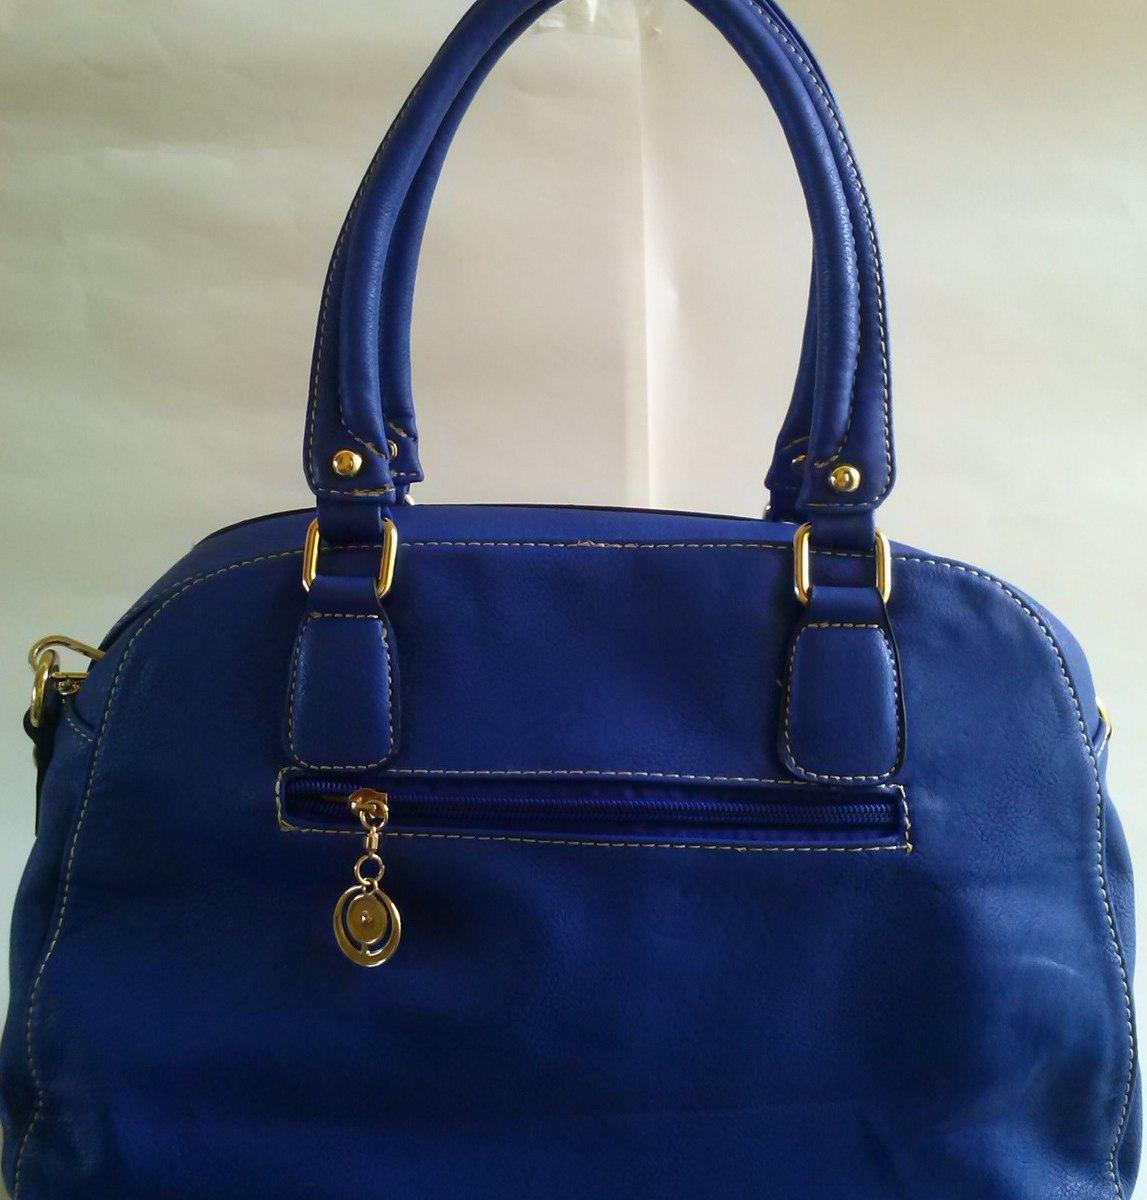 cb4b94f07e549 comprar bolsas femininas em promoção   bolsas de couro. Carregando zoom.